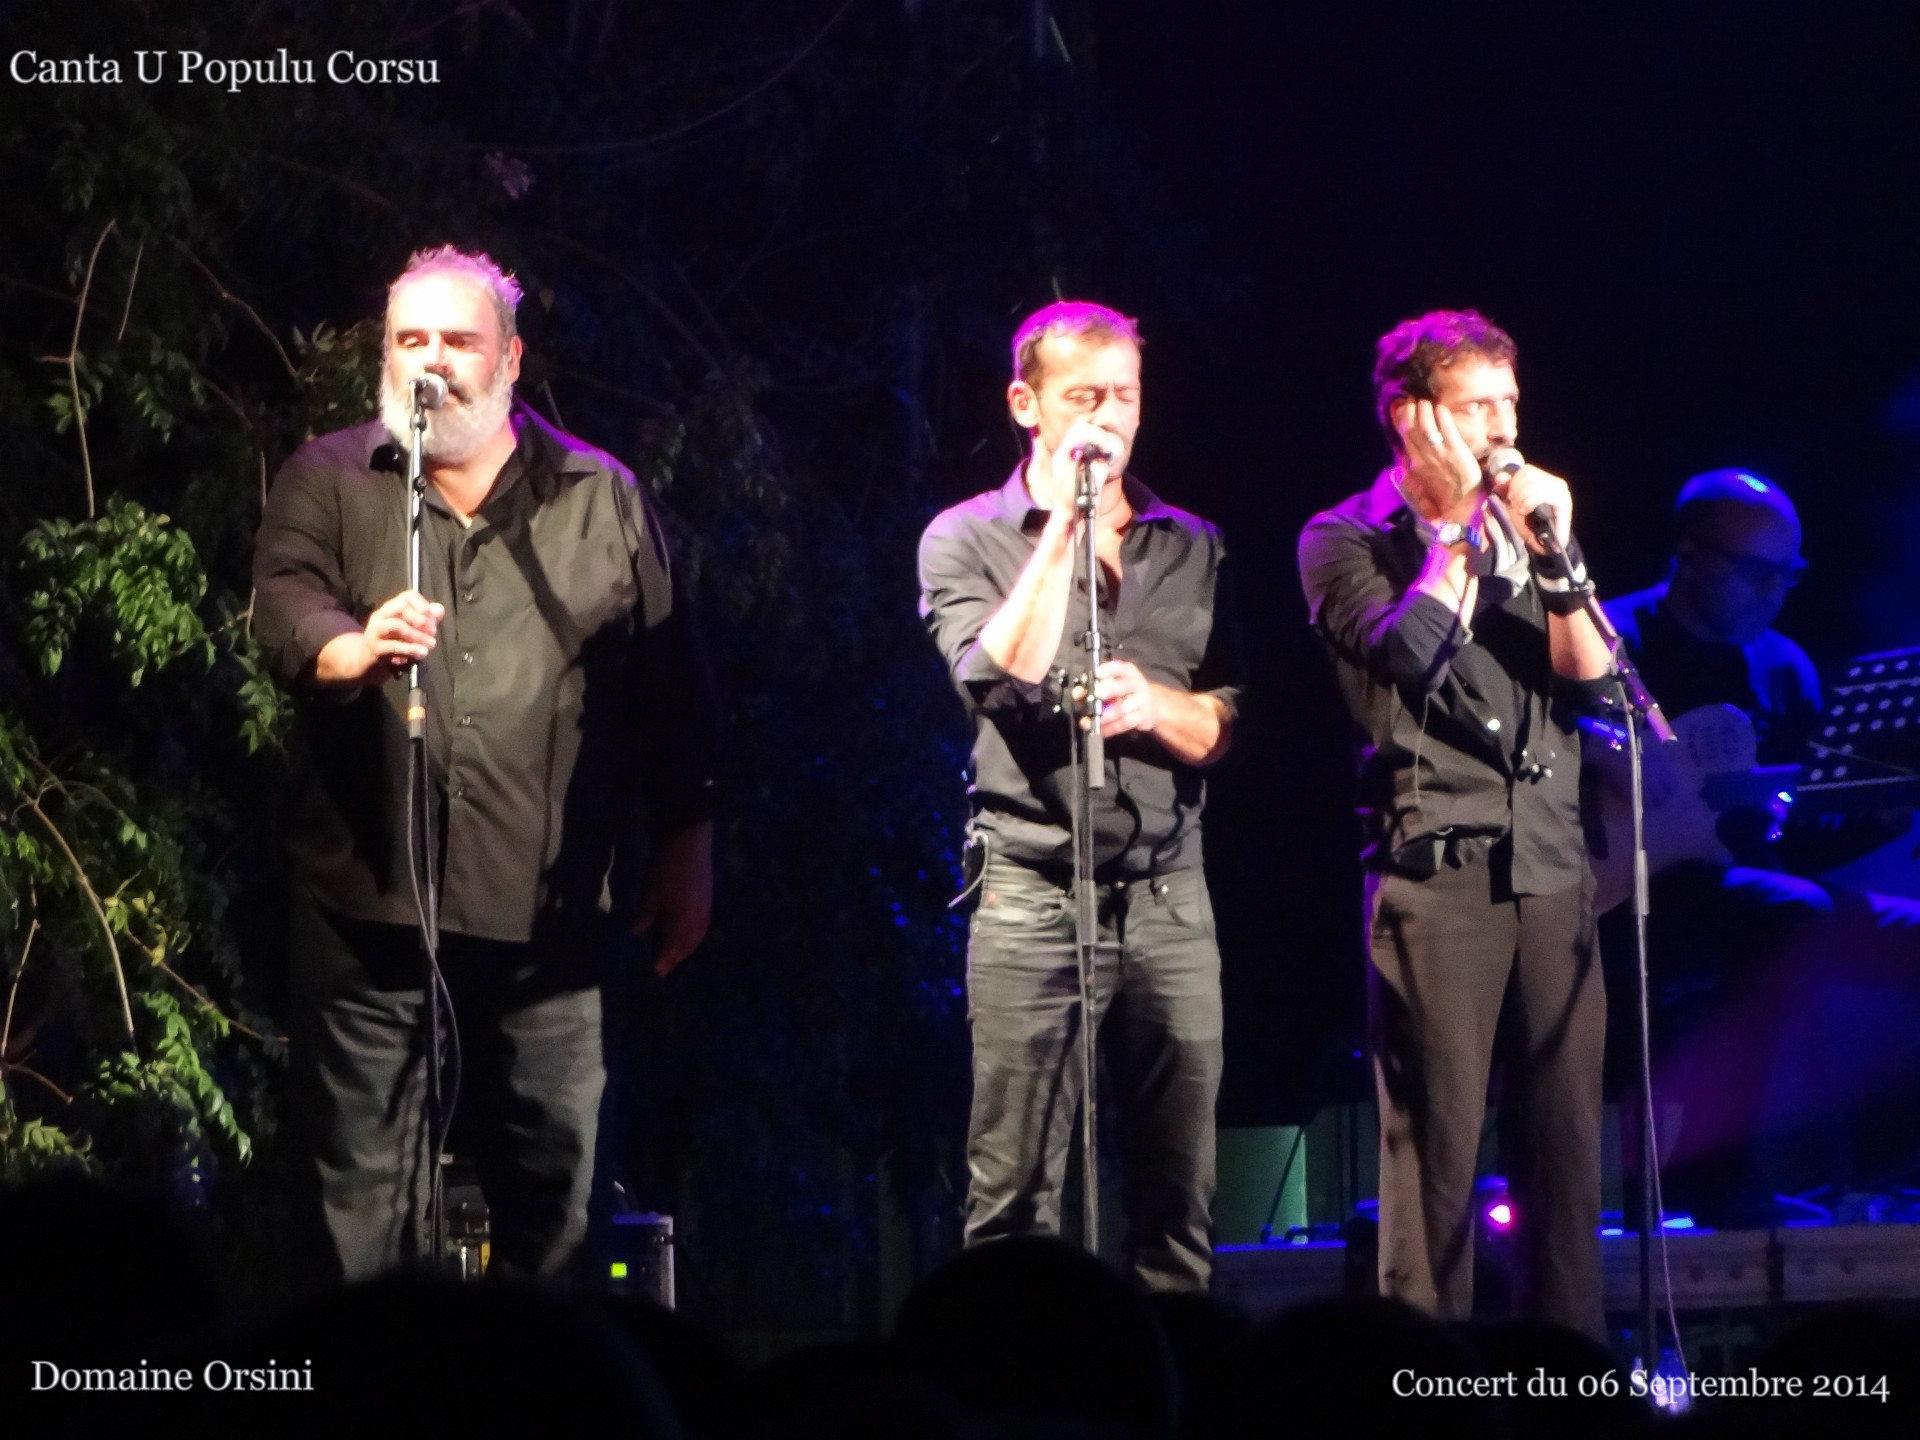 Concert au Domaine Orsini en 2014